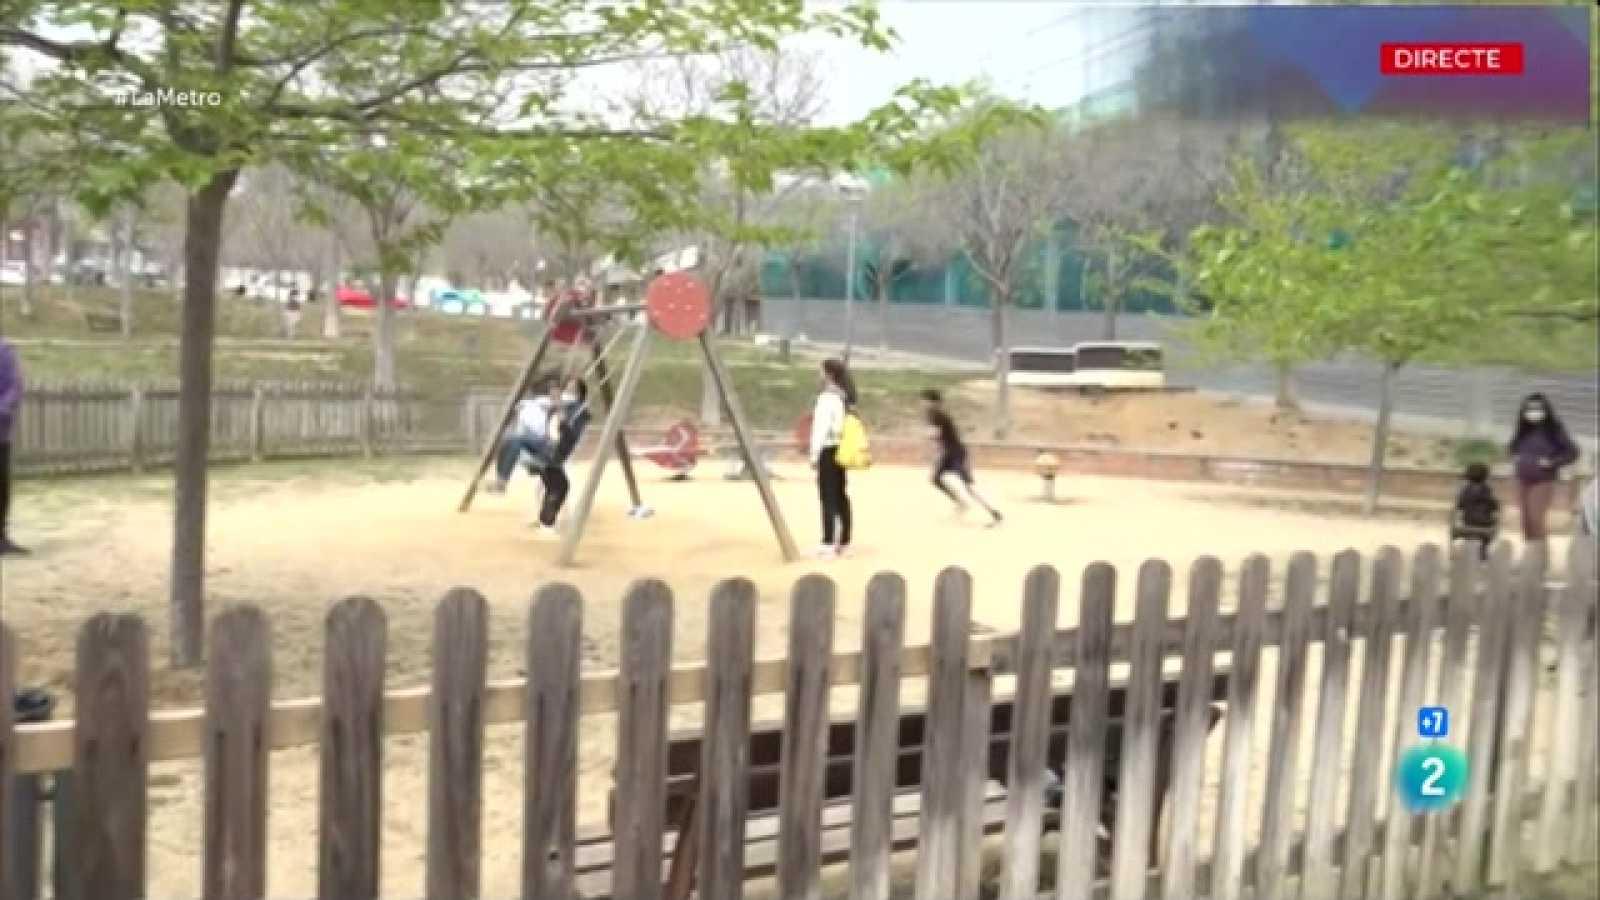 Parlem del conflicte veïnal que hi ha a Mataró per la substitució d¿un parc infantil, davant d¿una escola, per un corre cans.